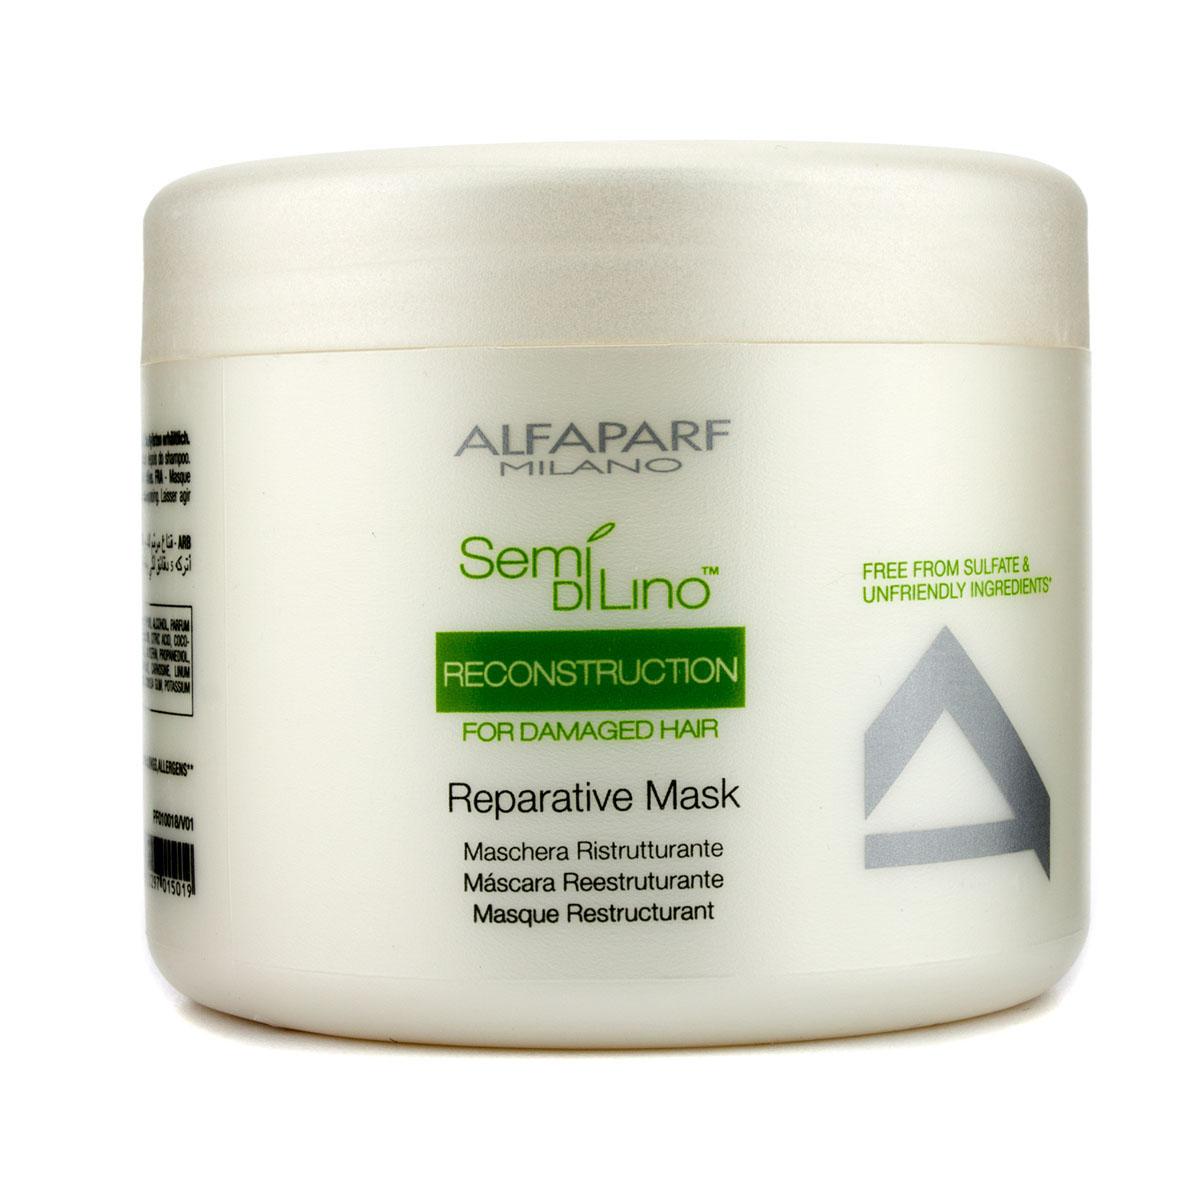 Alfaparf Маска для поврежденных волос Semi Di Lino Reconstruction Reparative Mask 500 мл